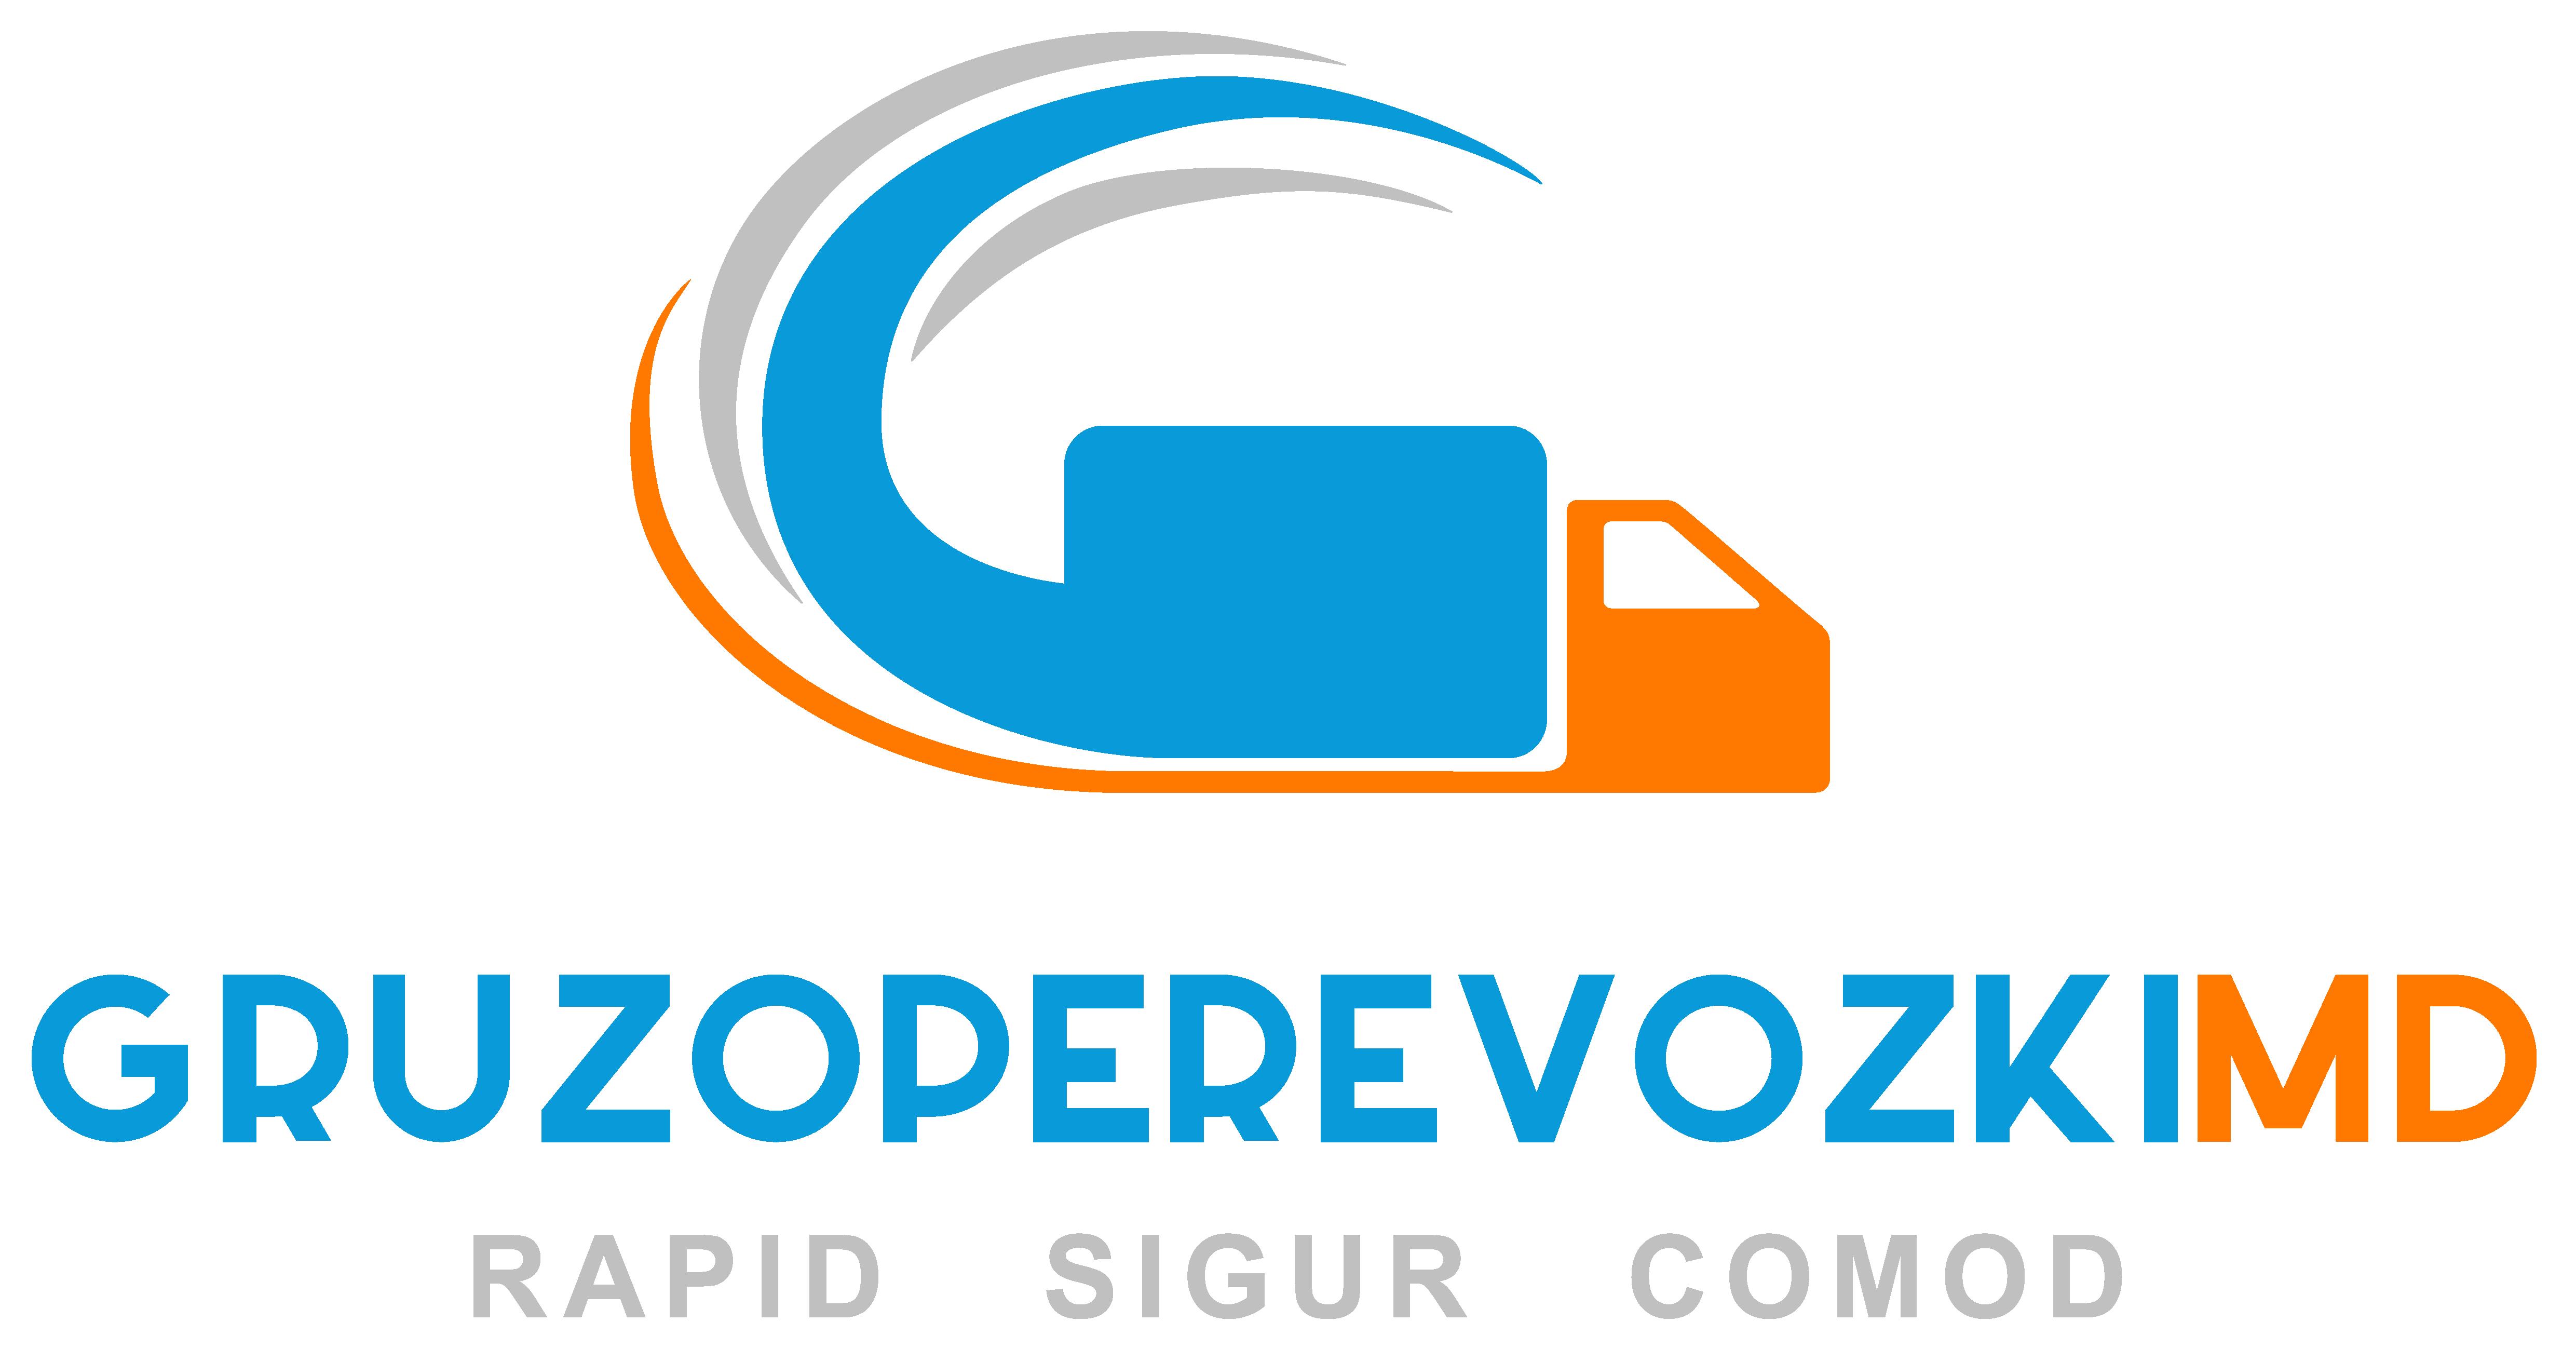 Gruzoperevozki.md Comercial logo